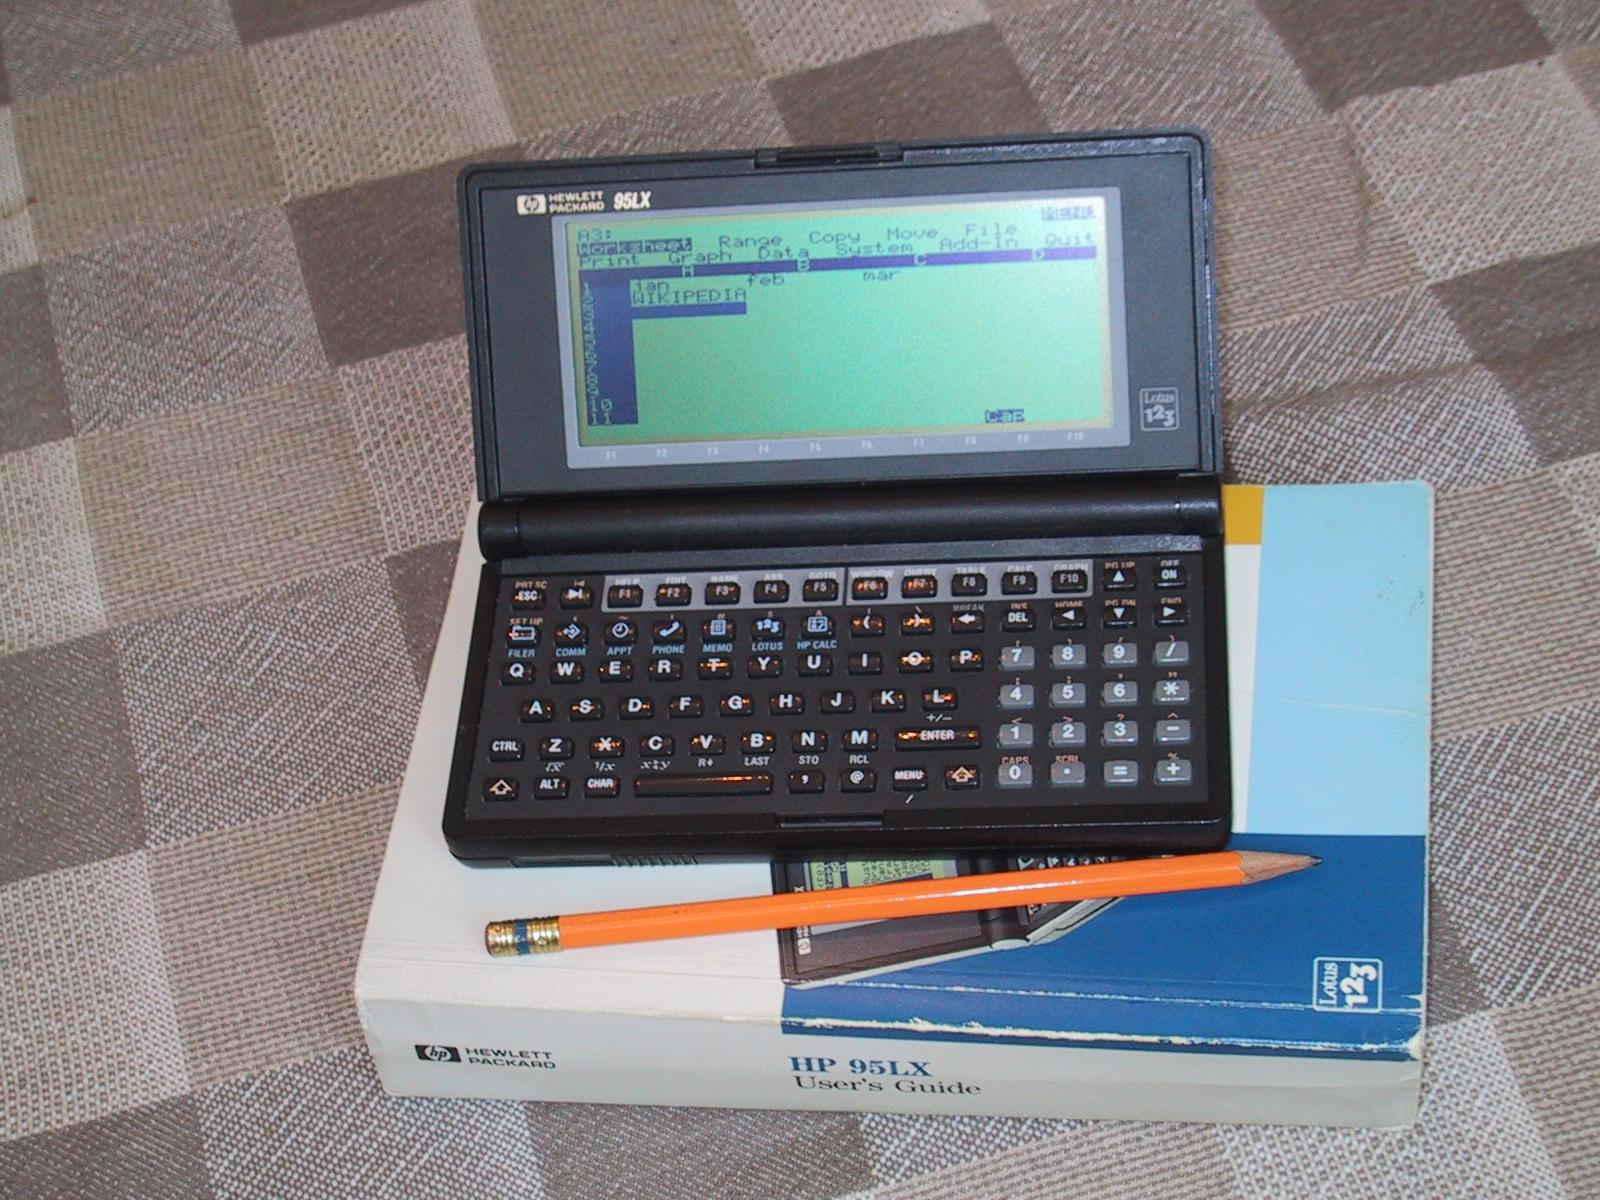 HP 95LX - Wikipedia